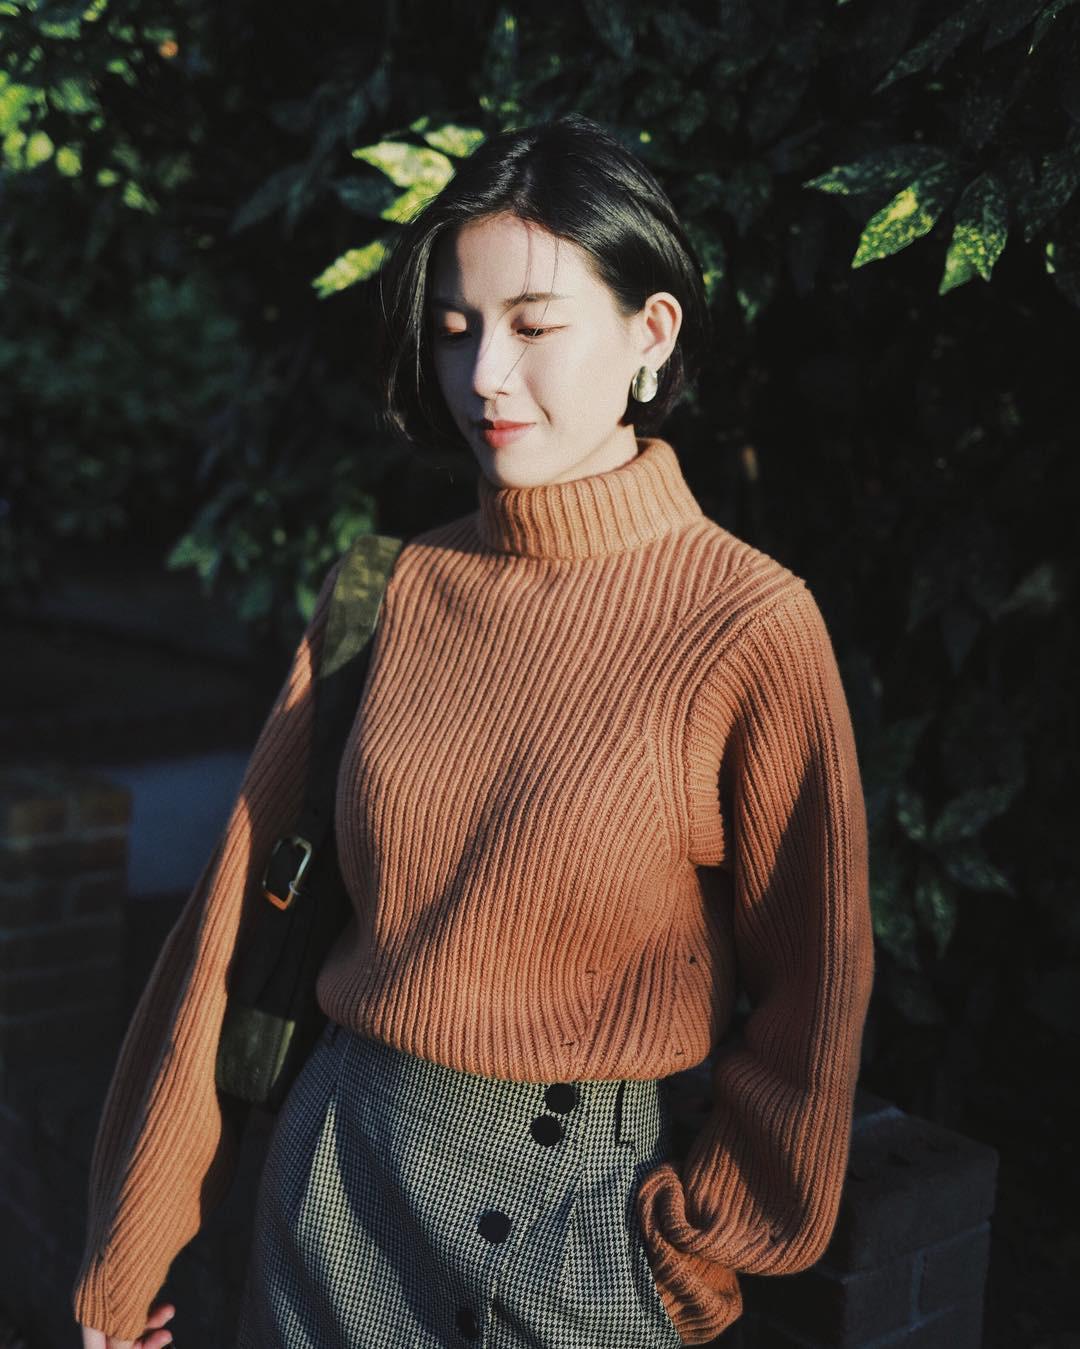 Sắm đủ 5 mẫu áo len này, các nàng sẽ chẳng còn lo mặc gì vừa xinh vừa ấm trong mùa đông năm nay - 9